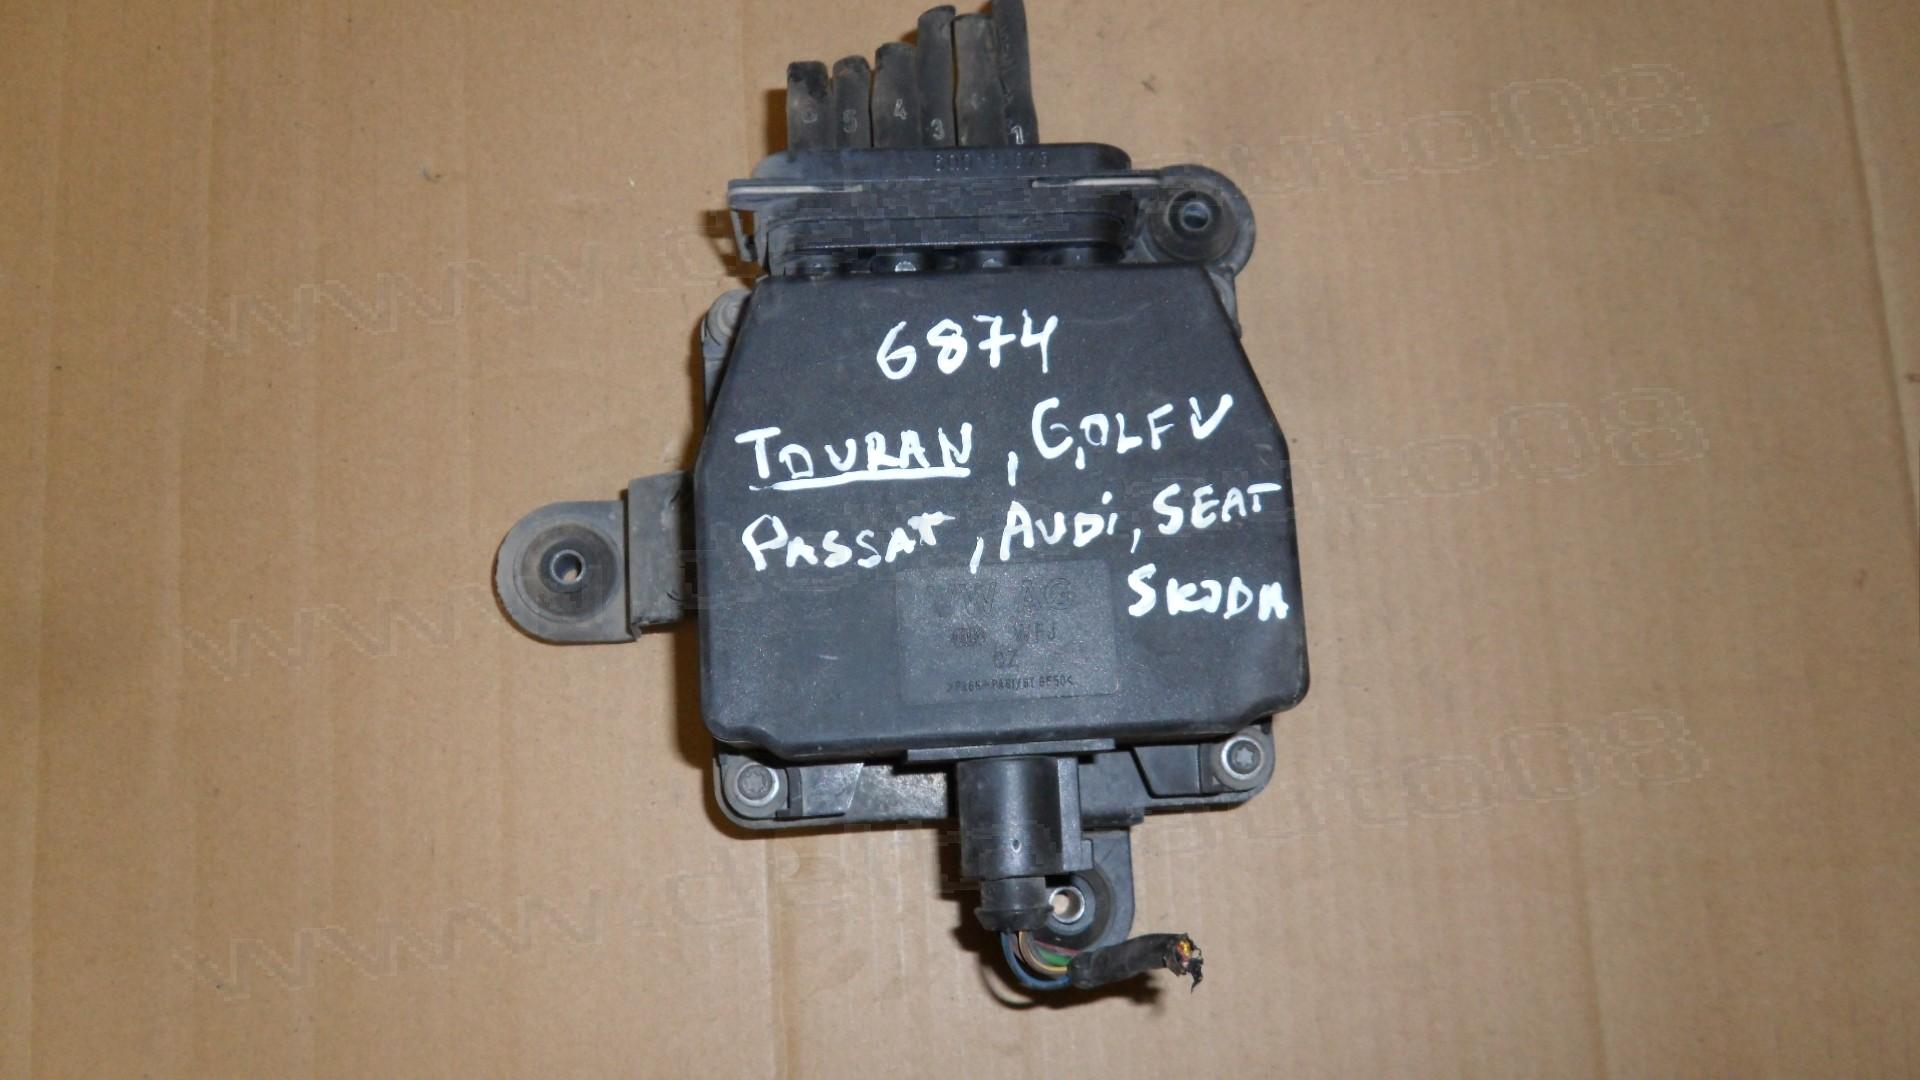 Вакуум клапан за VW Touran, Golv V, Passat, Seat, Skoda, Audi, 6Q0131075, 6Q0 906 625, 6Q0906625, 400434A